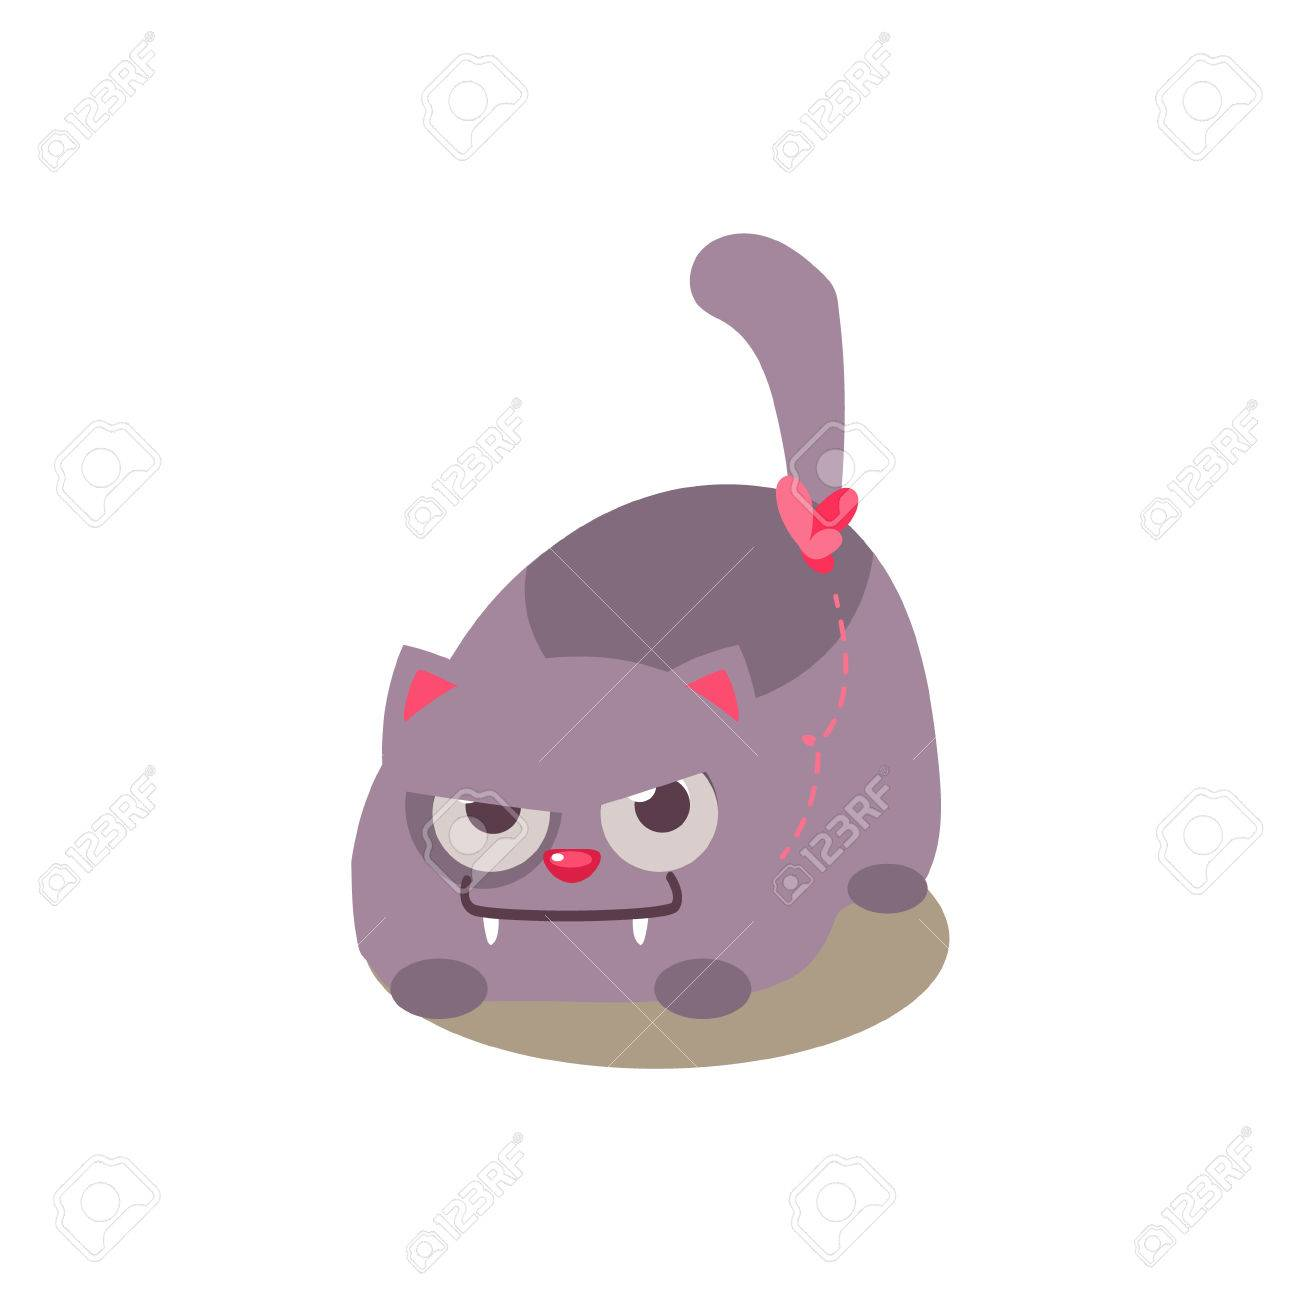 Cat Hunting Schmetterling Entzuckende Emoji Wohnung Vektor Caroon